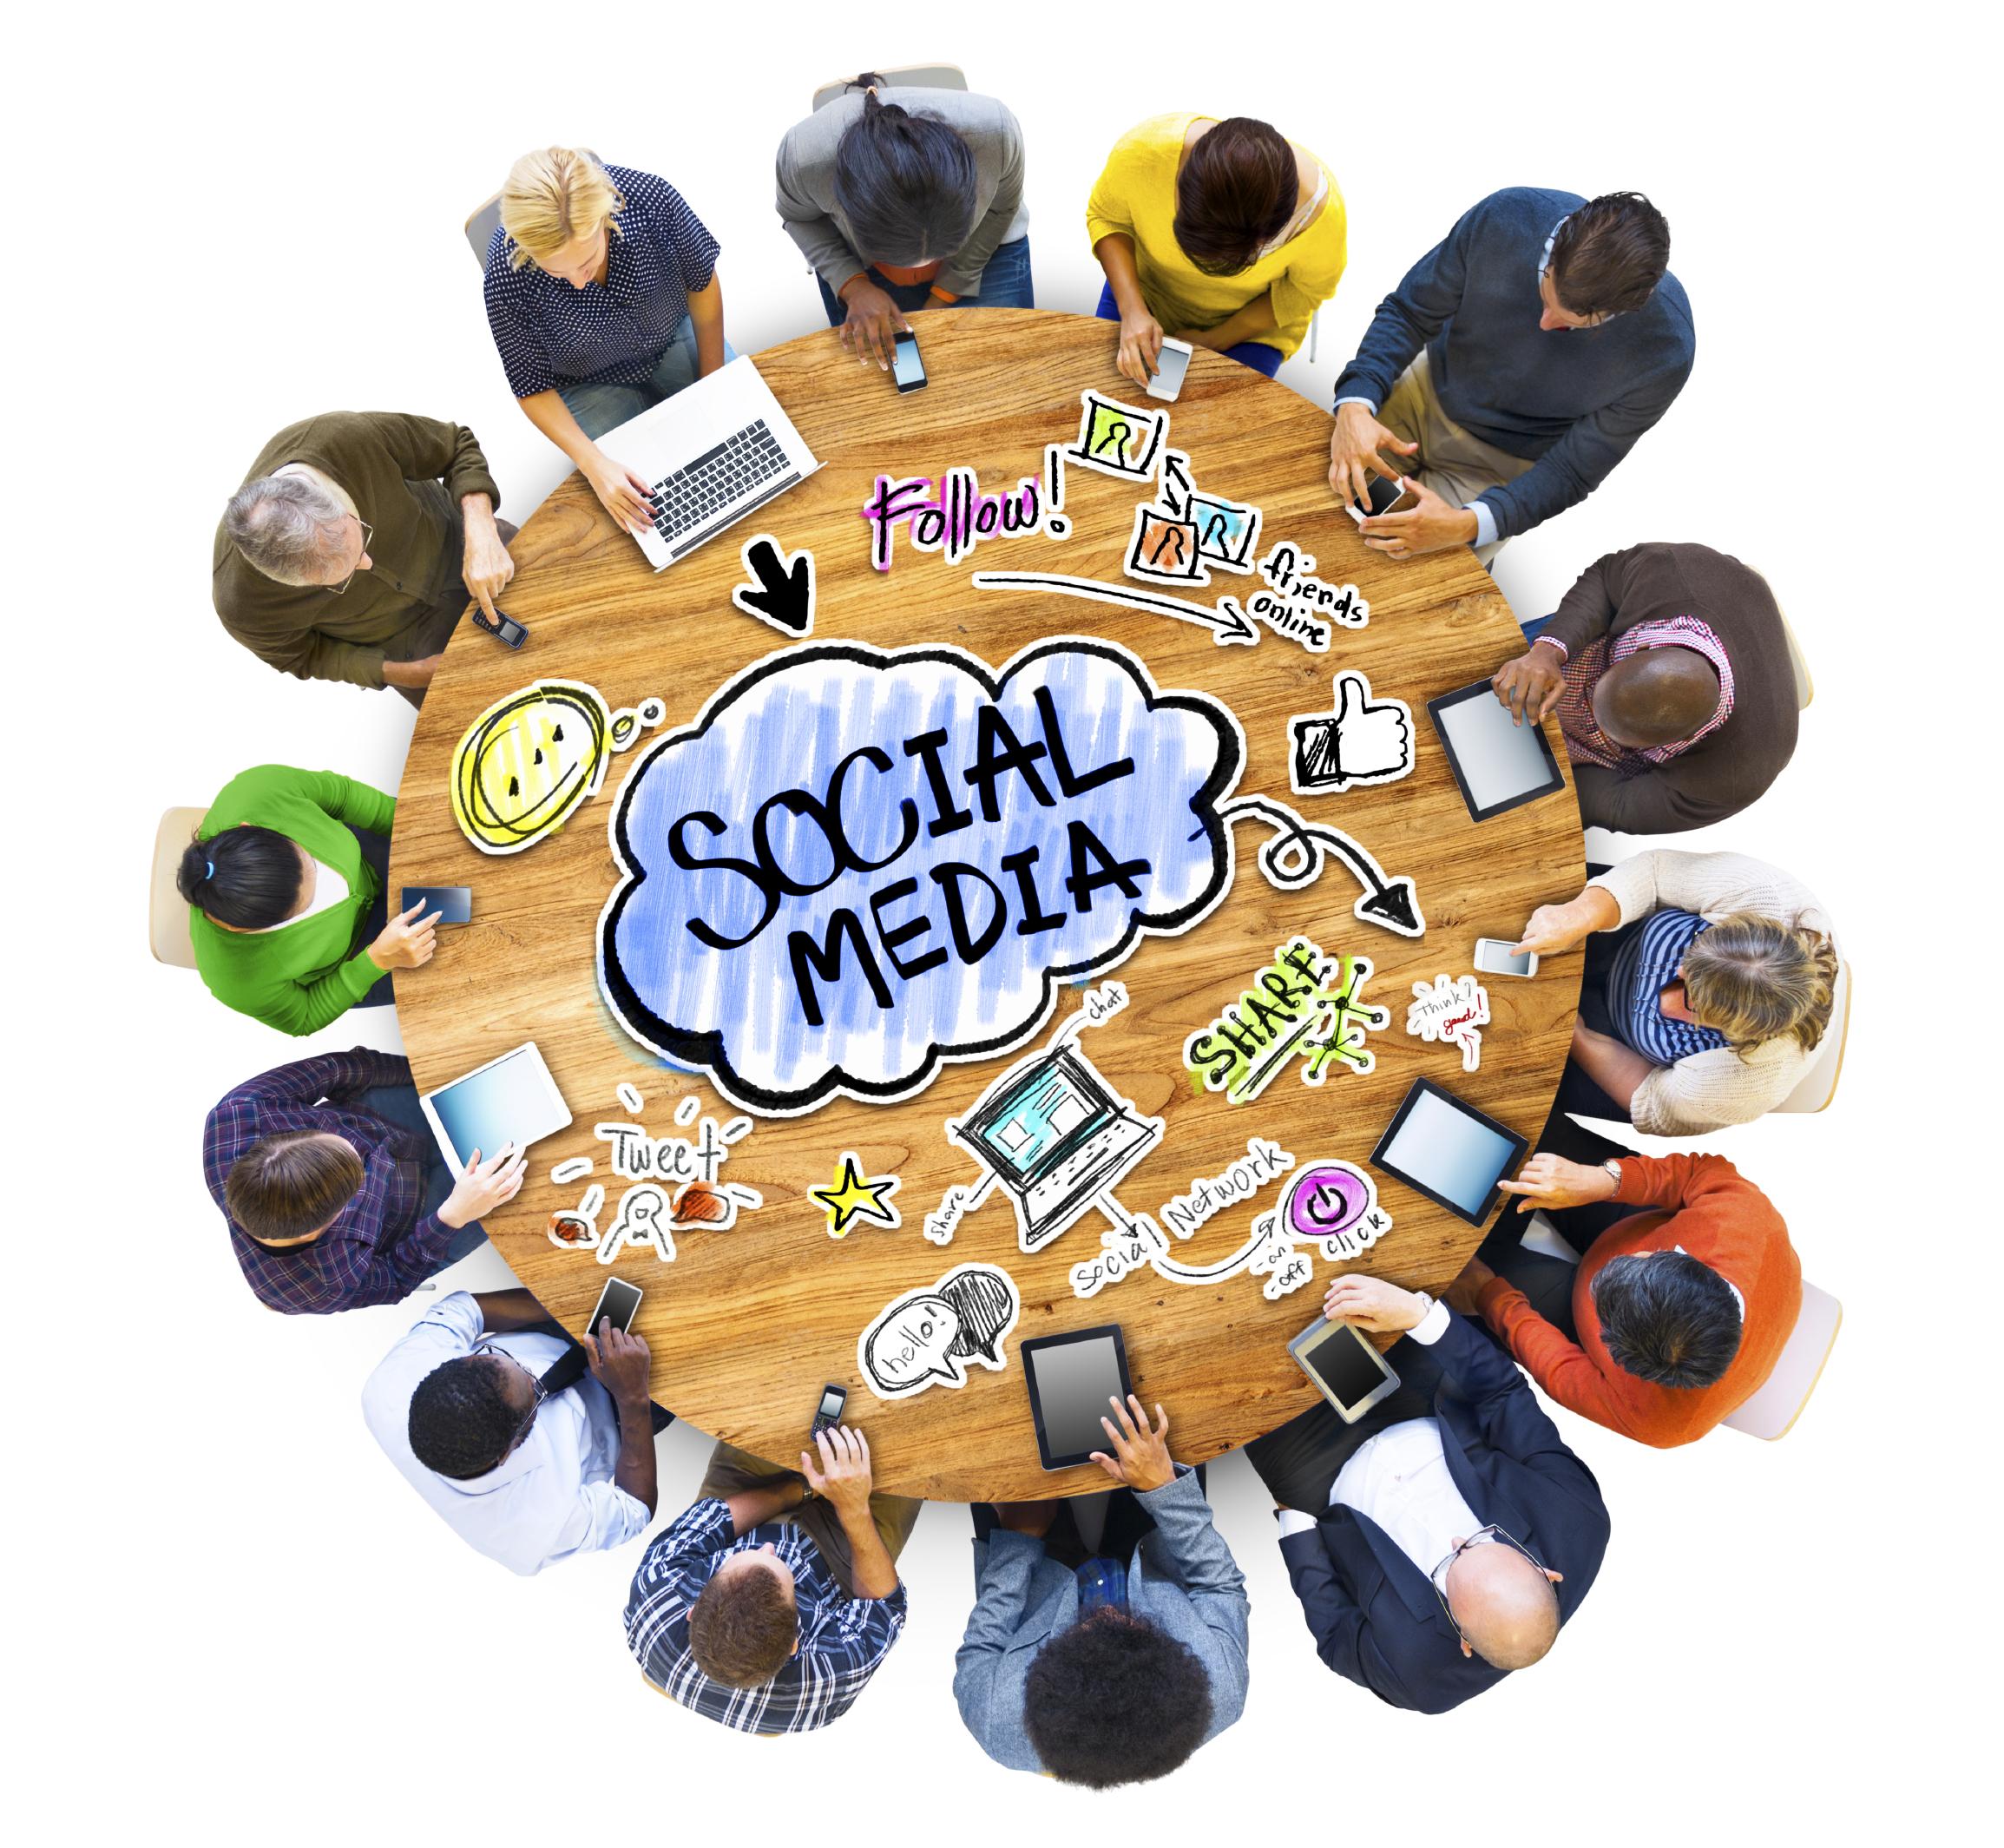 HVordan lykkes på sosiale medier